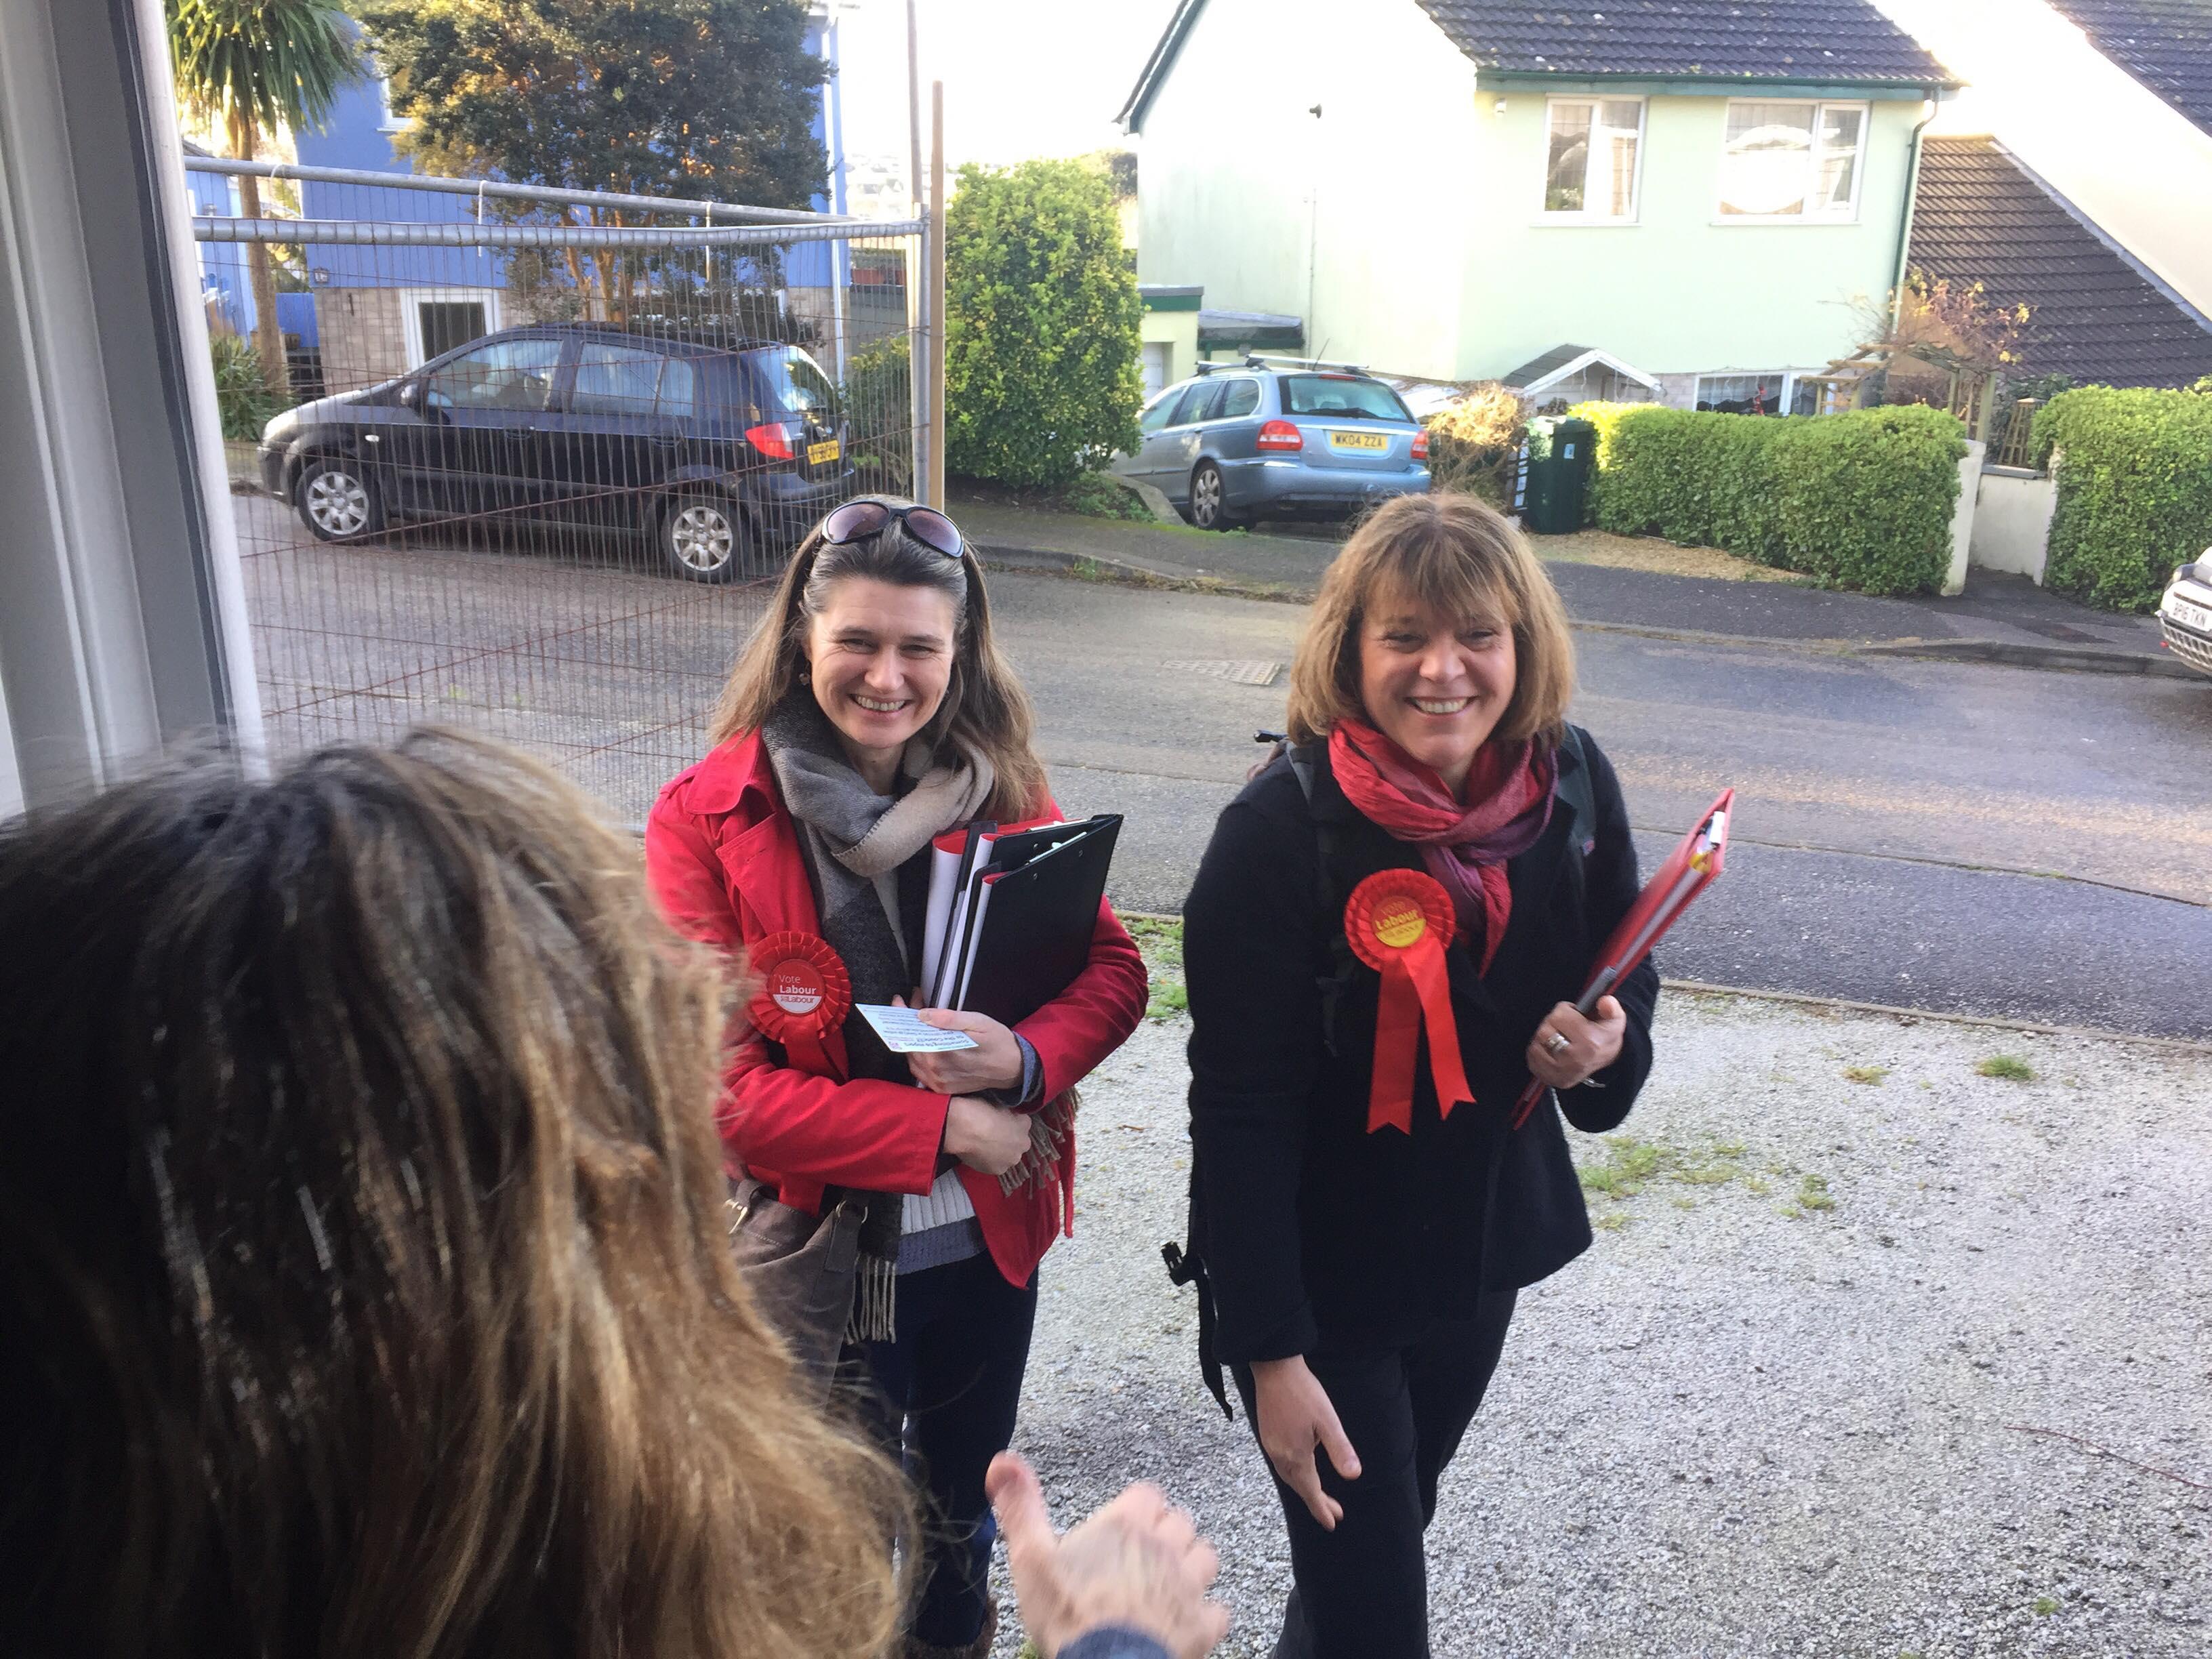 Lousie_and_I_at_door.jpg